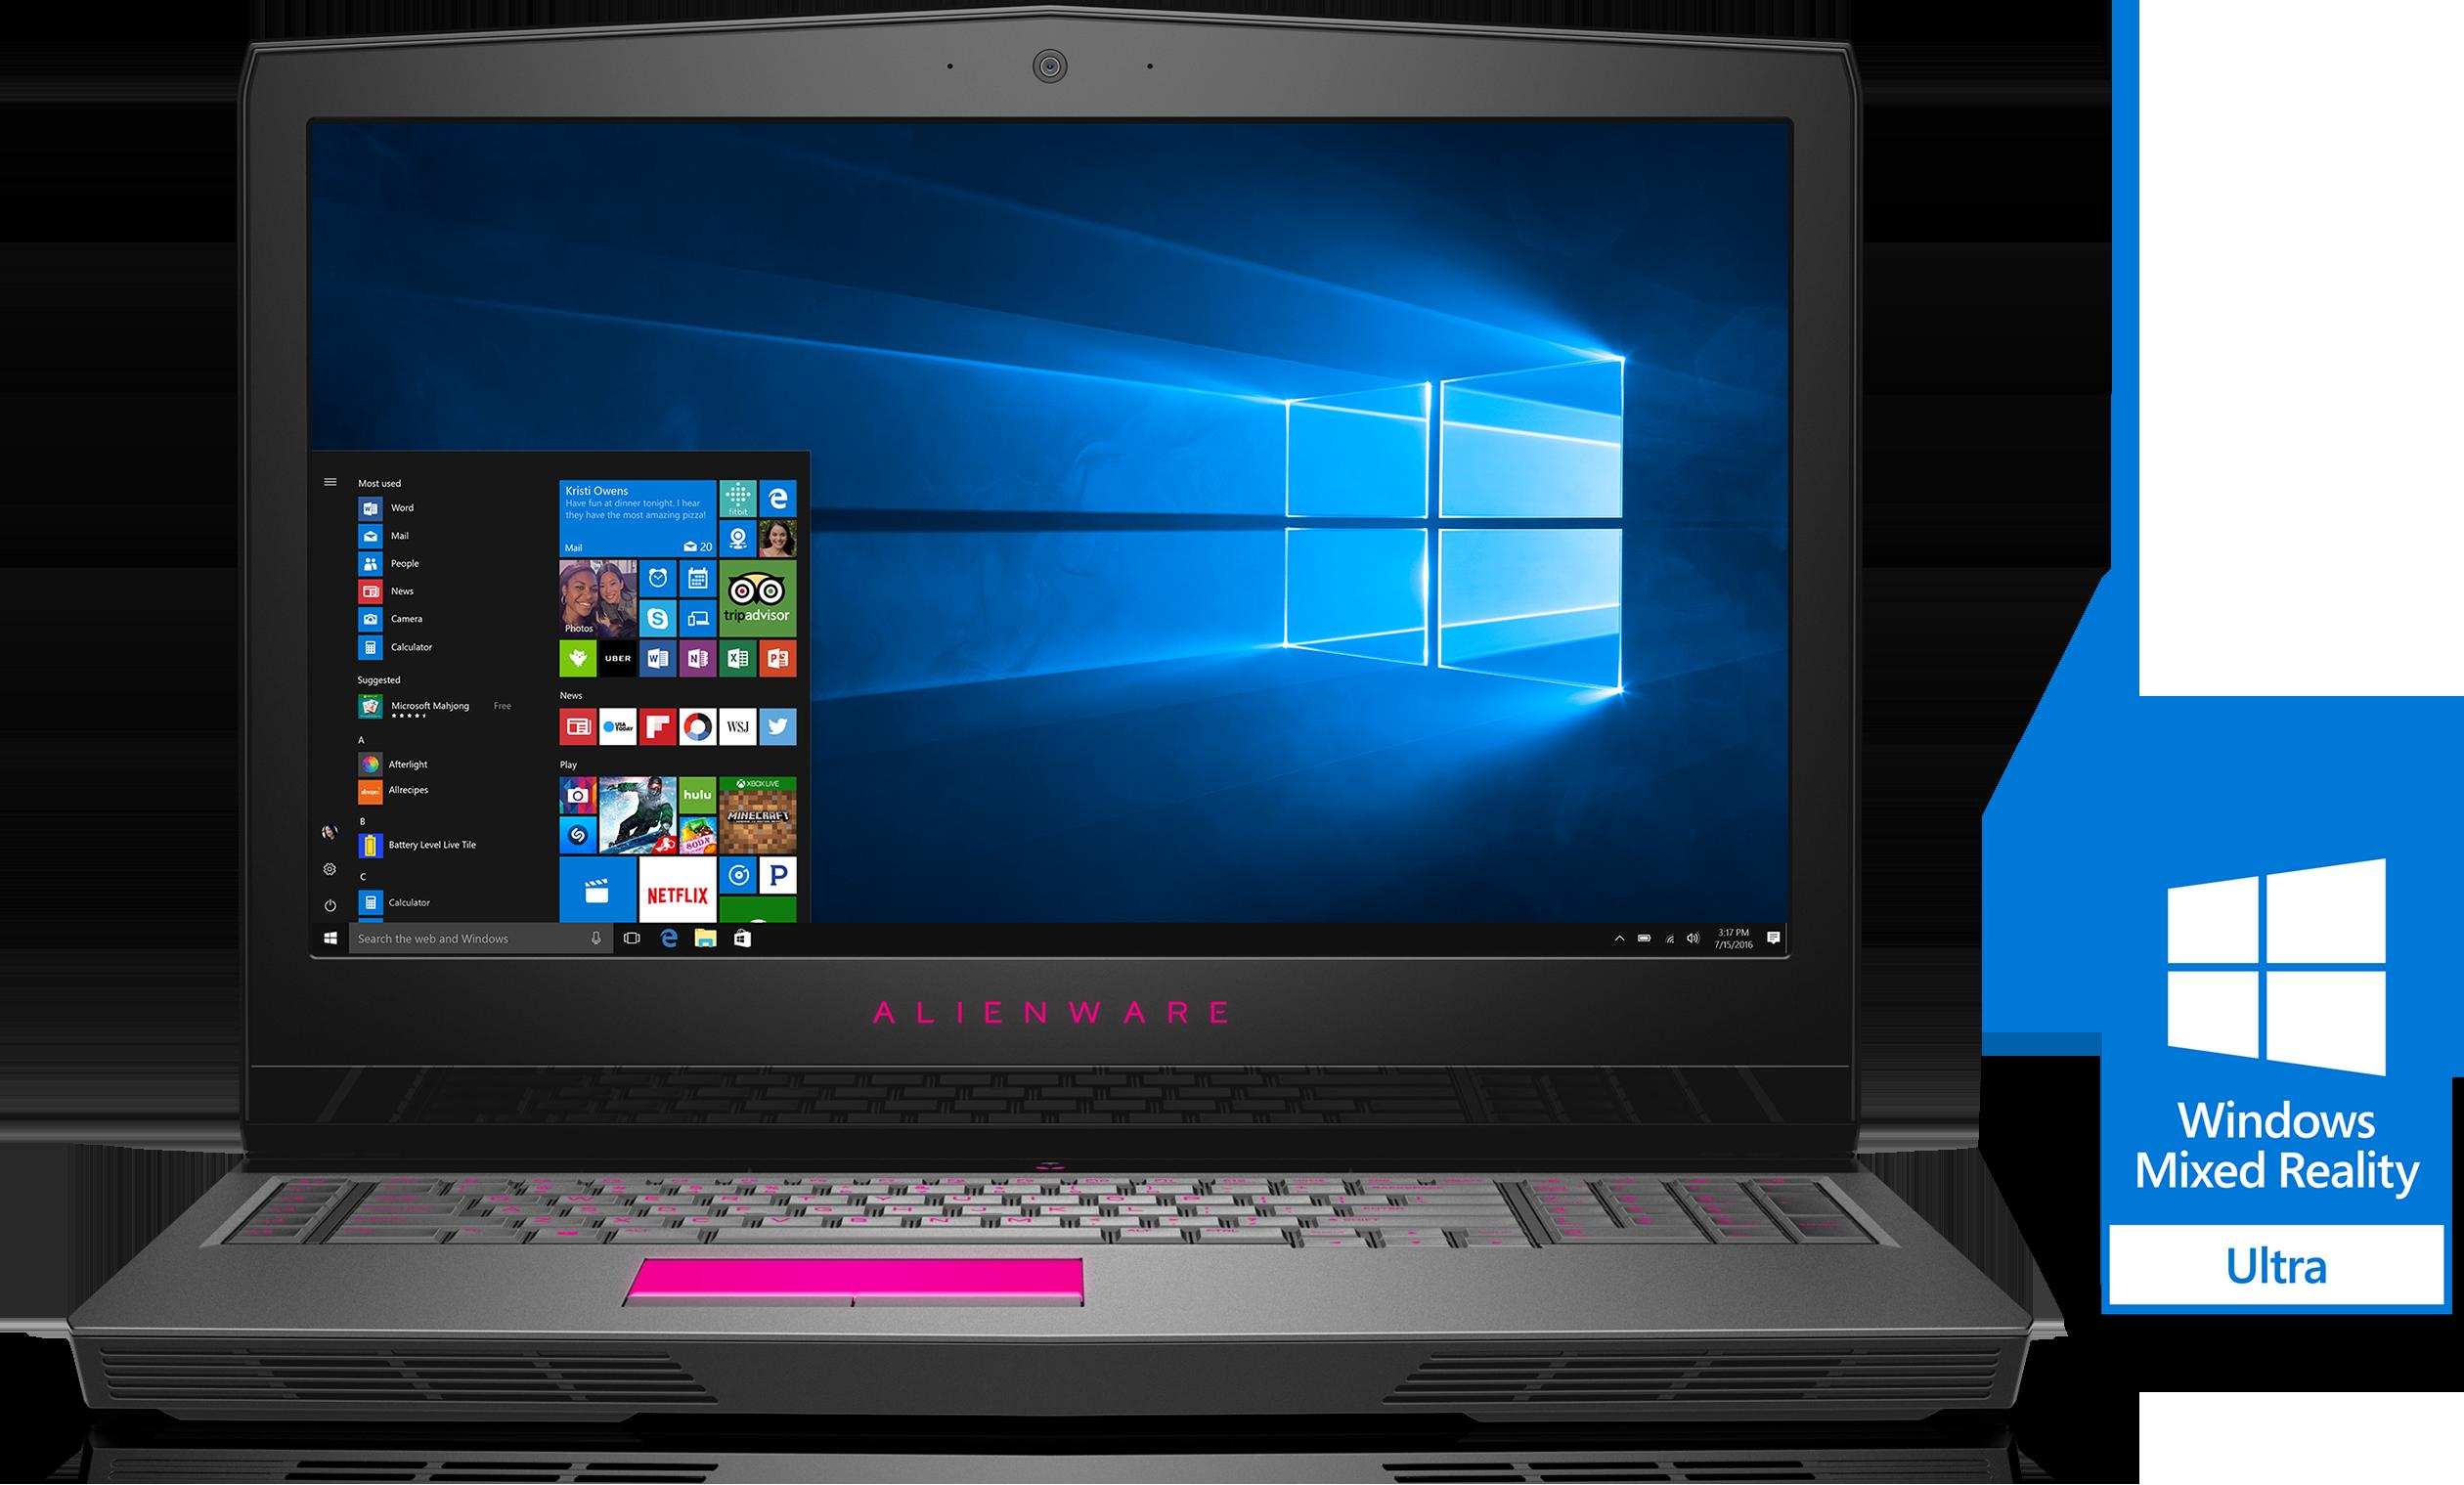 Dell Alienware 17 (i7-7700HQ/16GB/1TB) Deal